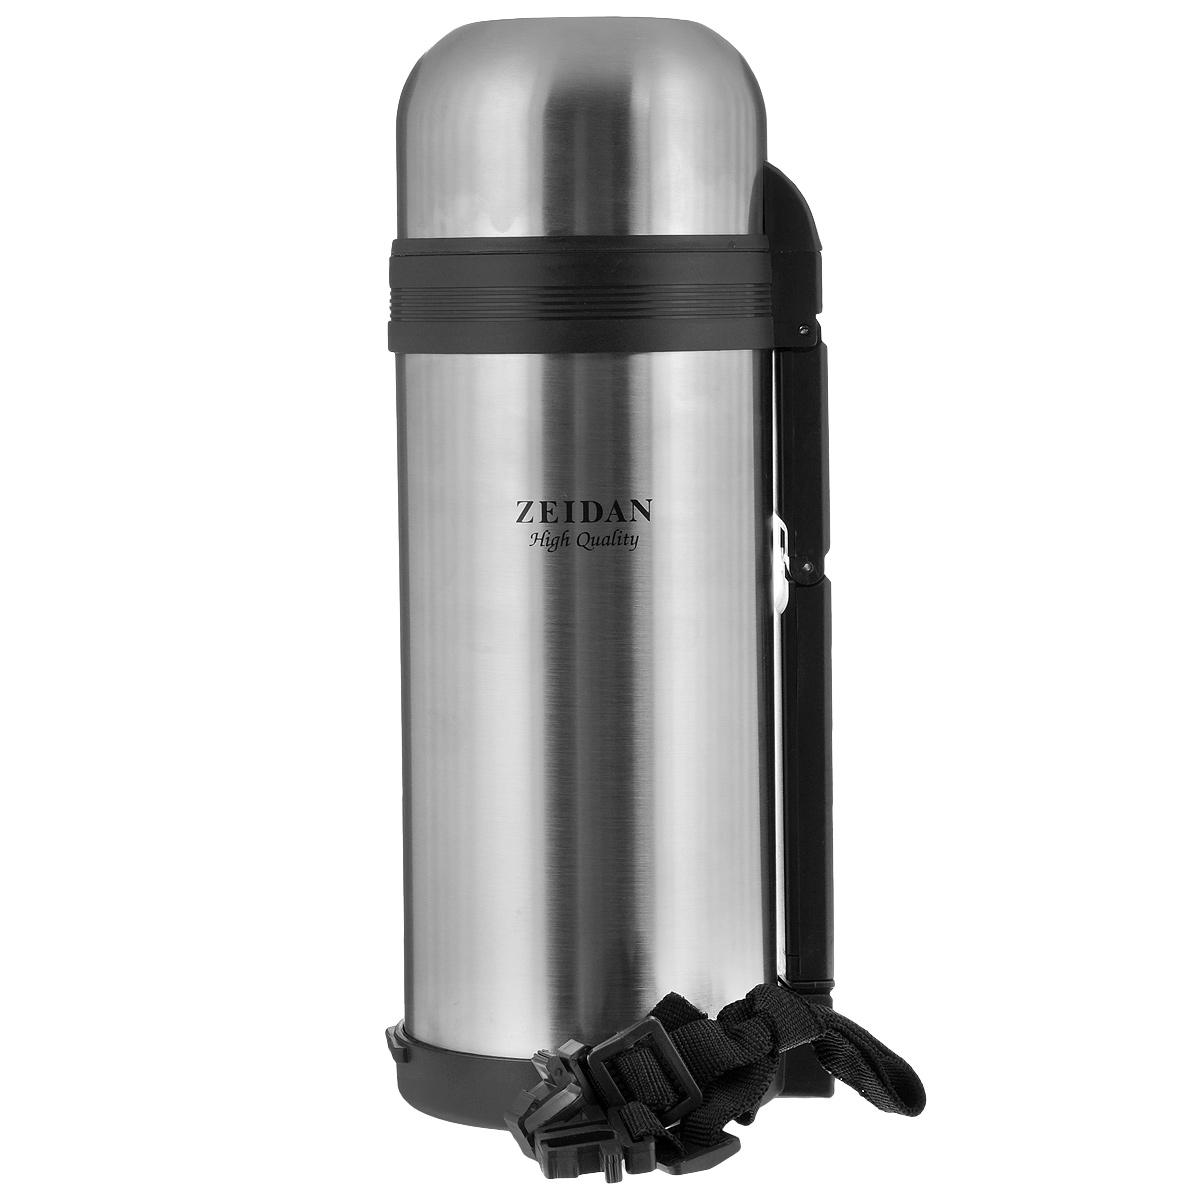 Термос Zeidan Hunter, 1,2 лZ-9014 HunterТермос с универсальным горлом Zeidan Hunter, изготовленный из высококачественной нержавеющей стали, является простым в использовании, экономичным и многофункциональным. Термос с вакуумной изоляцией предназначен для горячих и холодных напитков (чая, кофе). Изделие укомплектовано пробкой с кнопкой, дополнительной пластиковой чашей и удобной складной ручкой для переноски. Пробка удобна в использовании и позволяет, не отвинчивая ее, наливать напитки после простого нажатия кнопки. Изделие также оснащено крышкой-чашкой. Легкий и прочный термос Zeidan Hunter сохранит температуру ваших напитков надолго. Высота (с учетом крышки): 27 см. Диаметр горлышка: 7,5 см. Диаметр основания: 10,5 см.